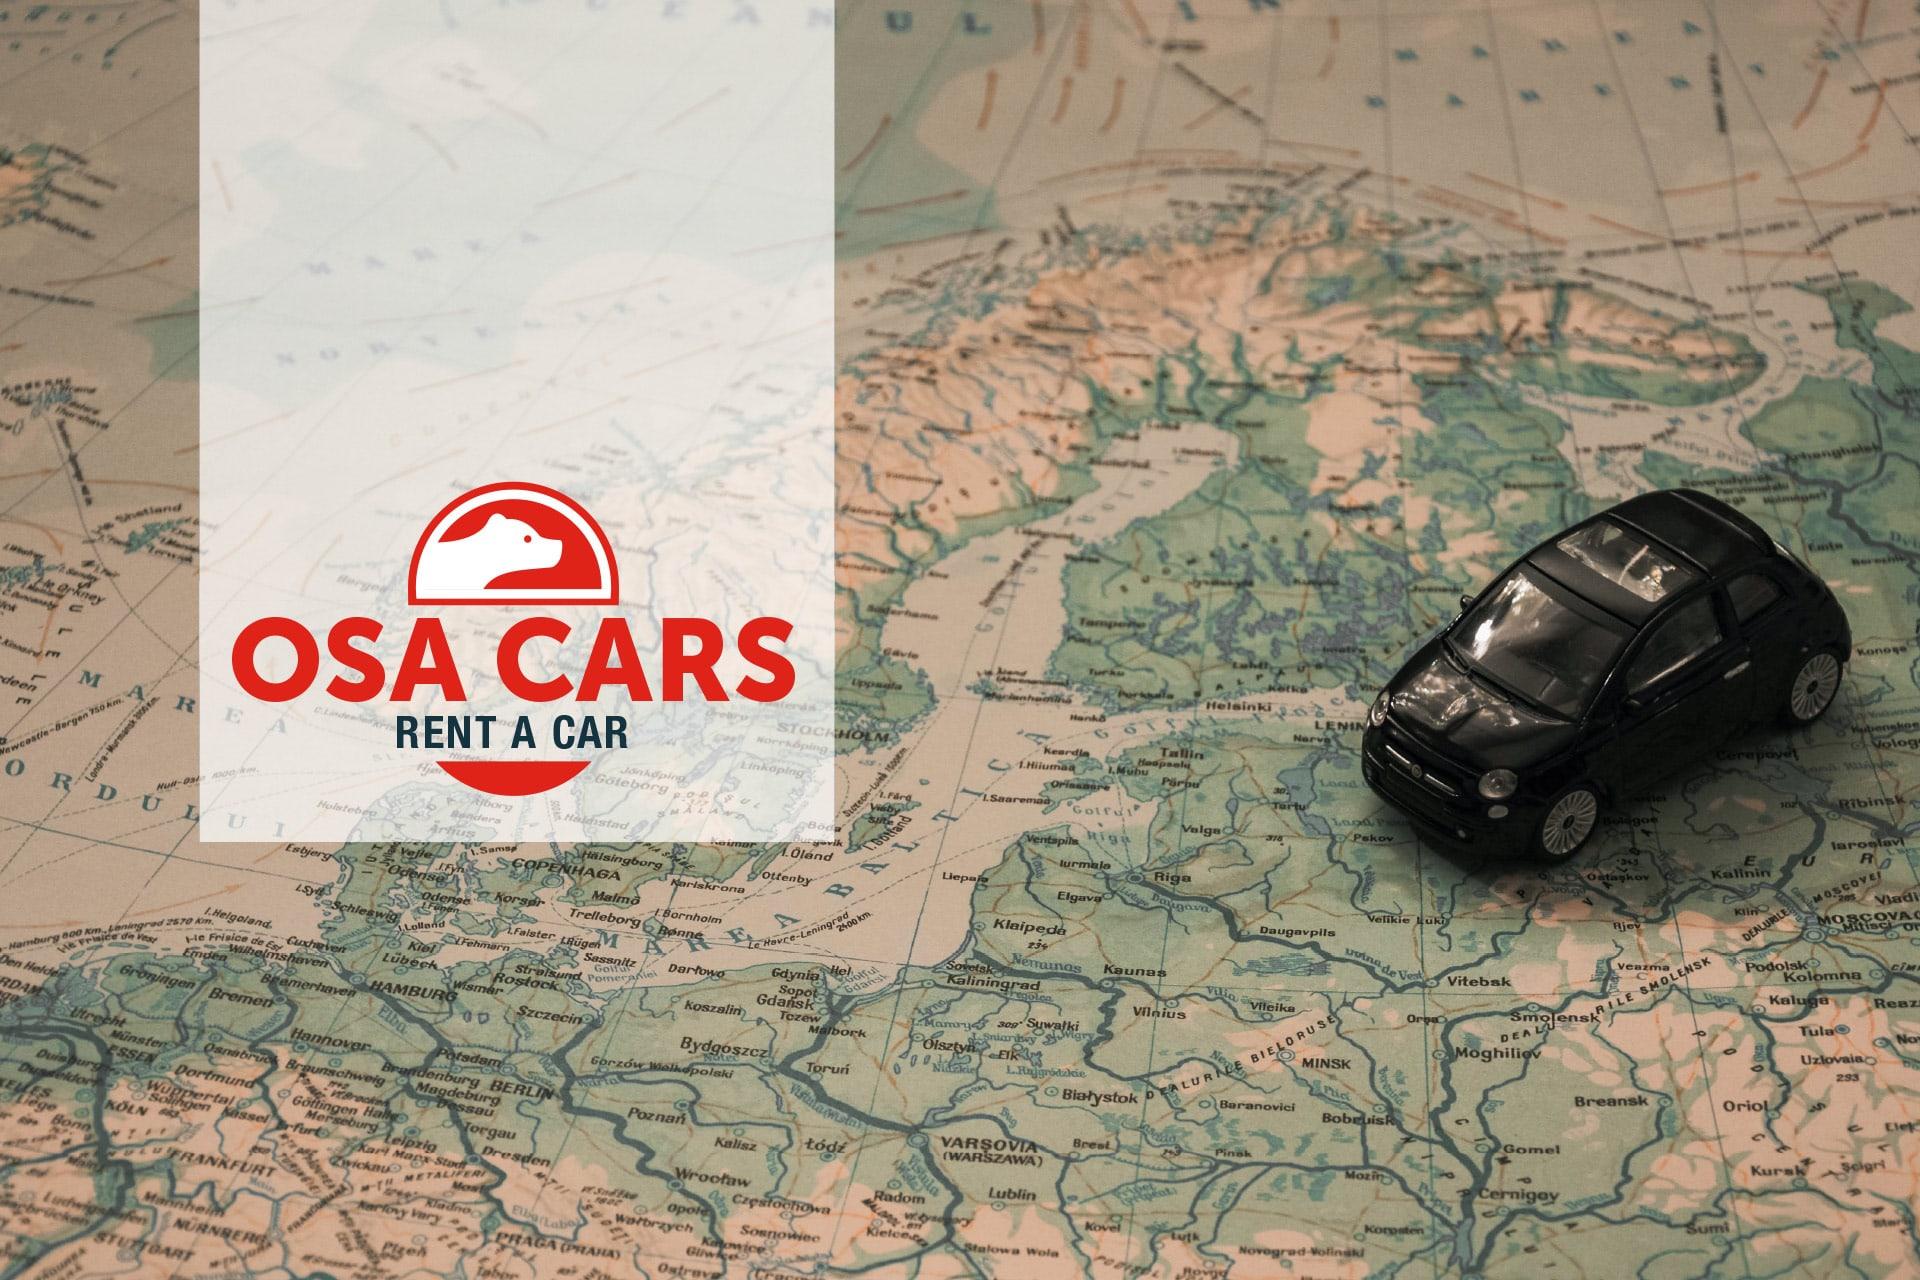 imagen de marca Osa Cars by An Publicidad